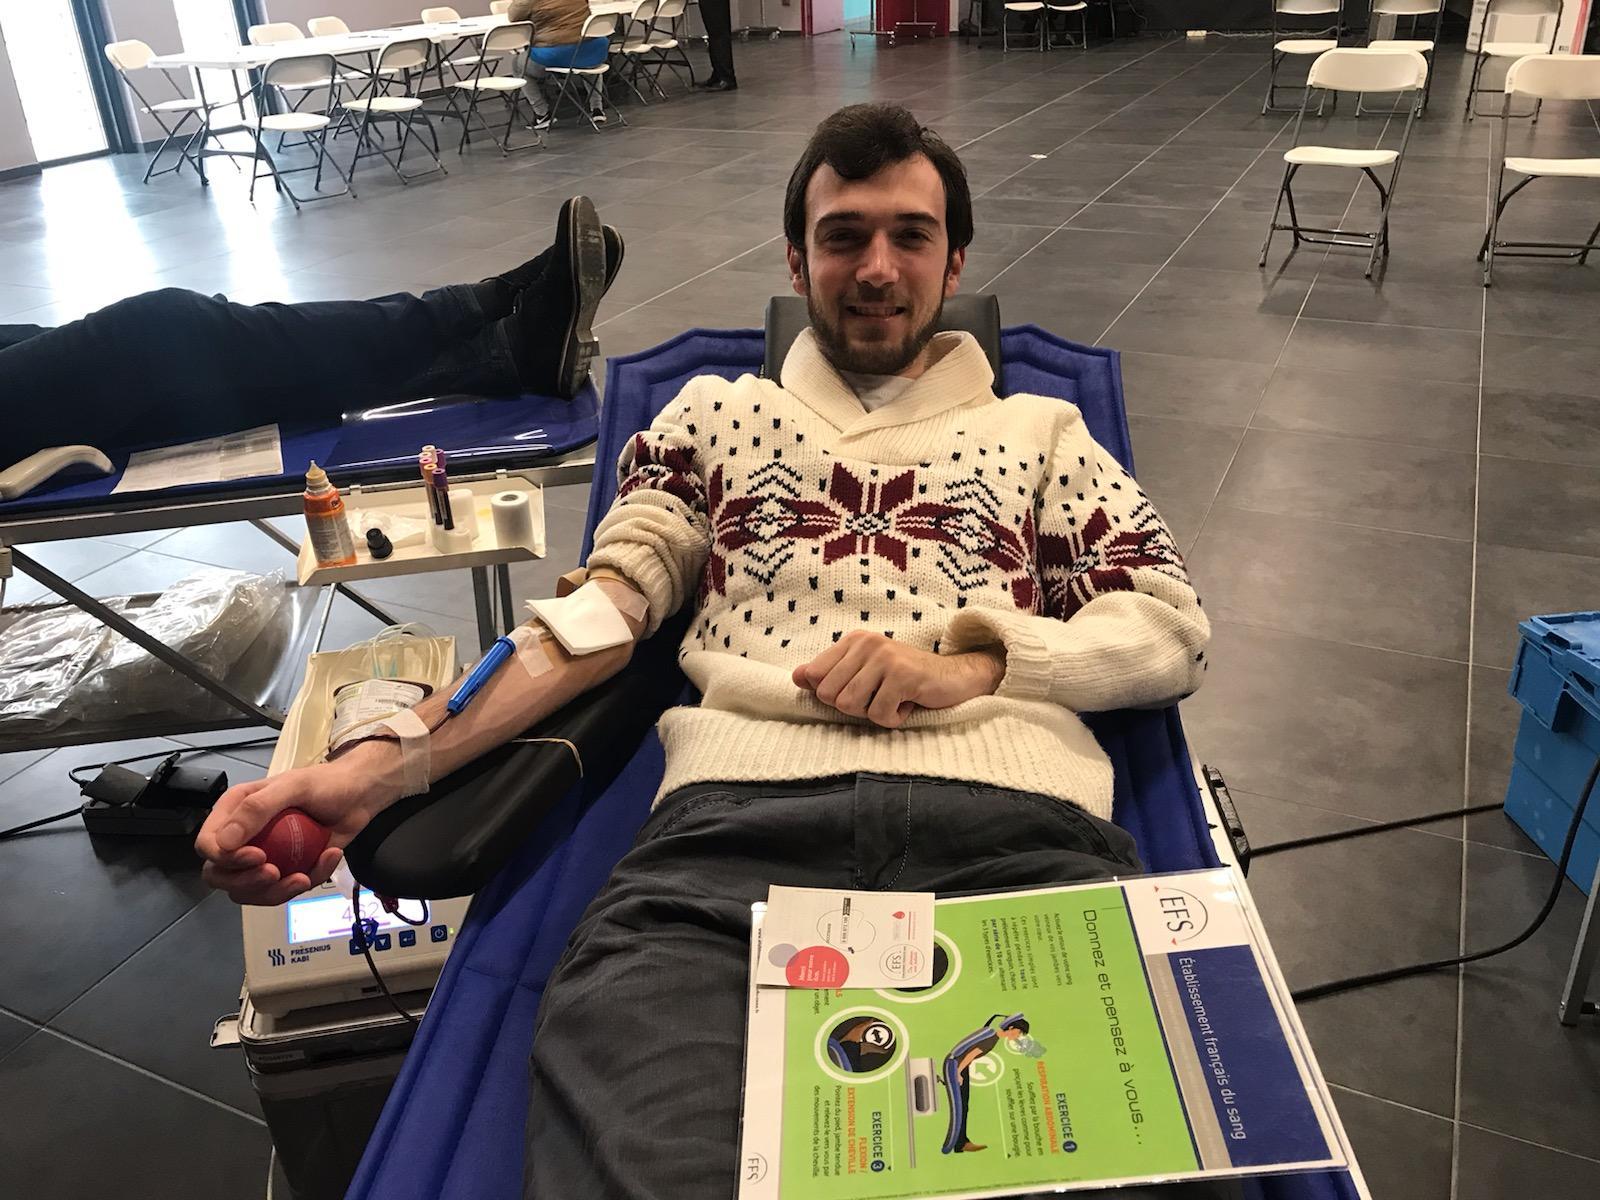 Collecte de sang montady du 18 11 2019 2